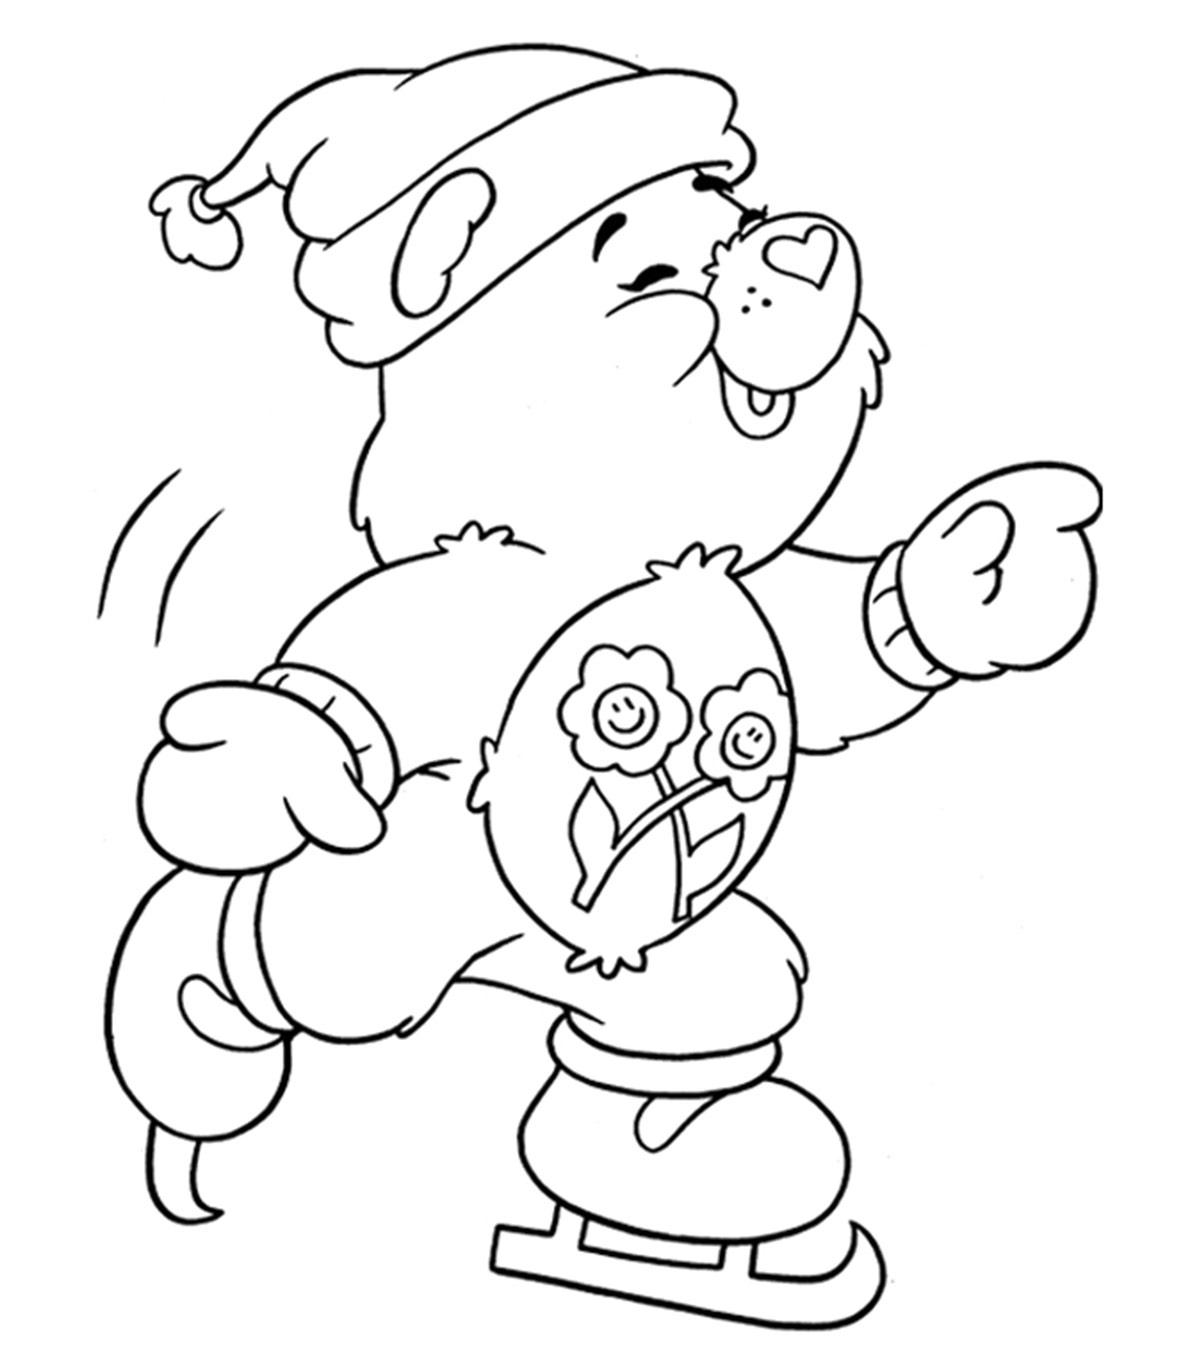 Cute Cartoon Bear Ice Skating Coloring Page